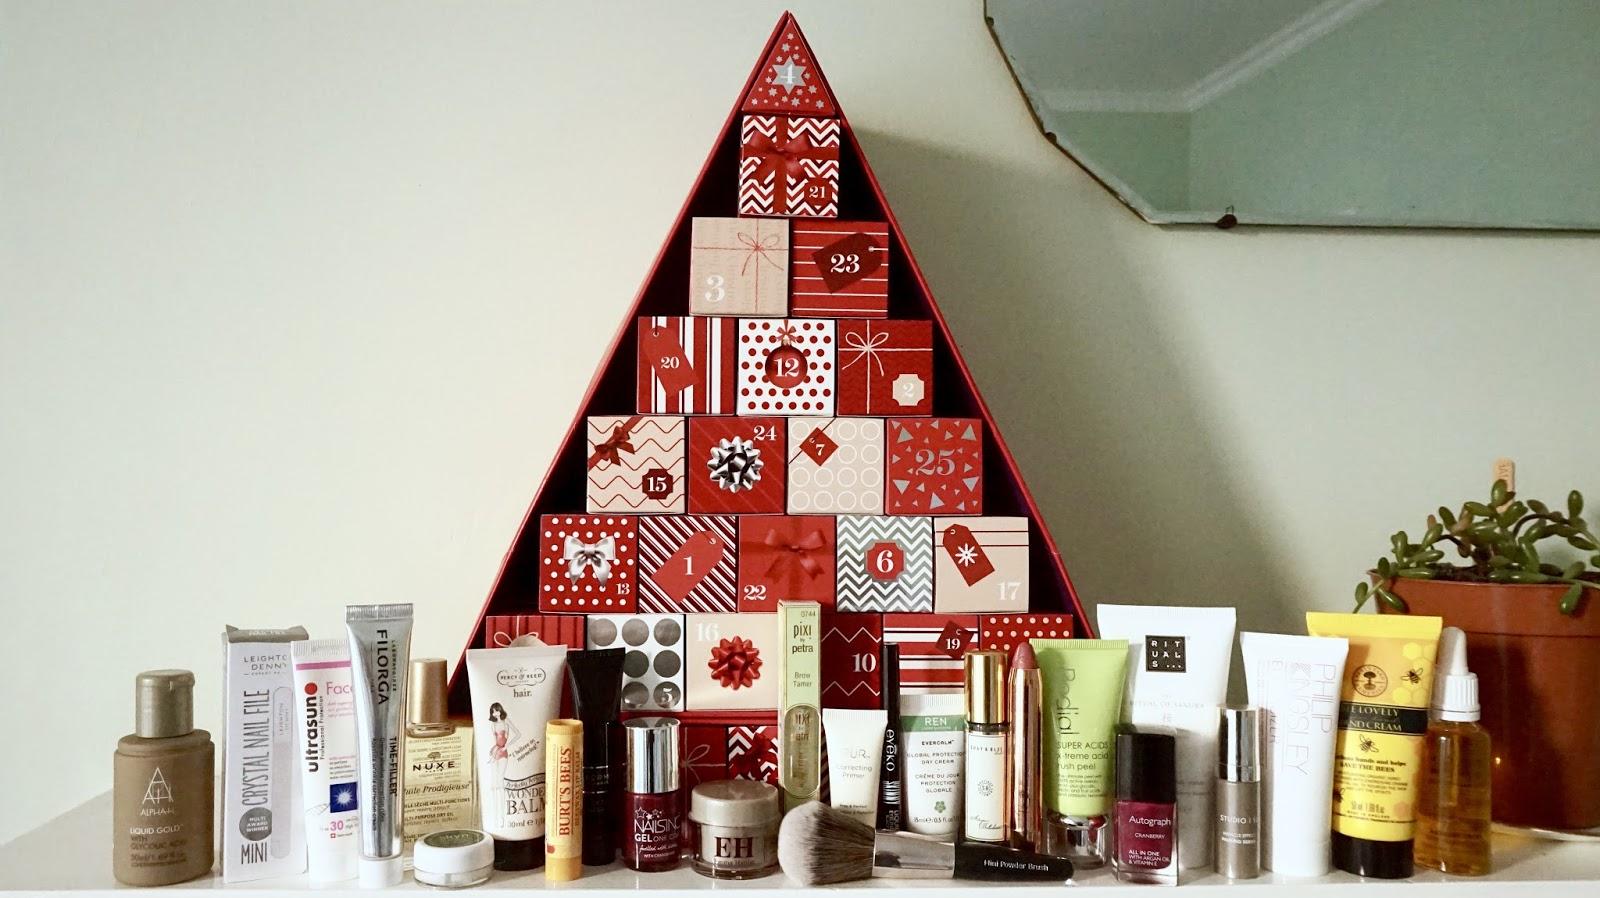 M&S Beauty Advent Calendar Favourites